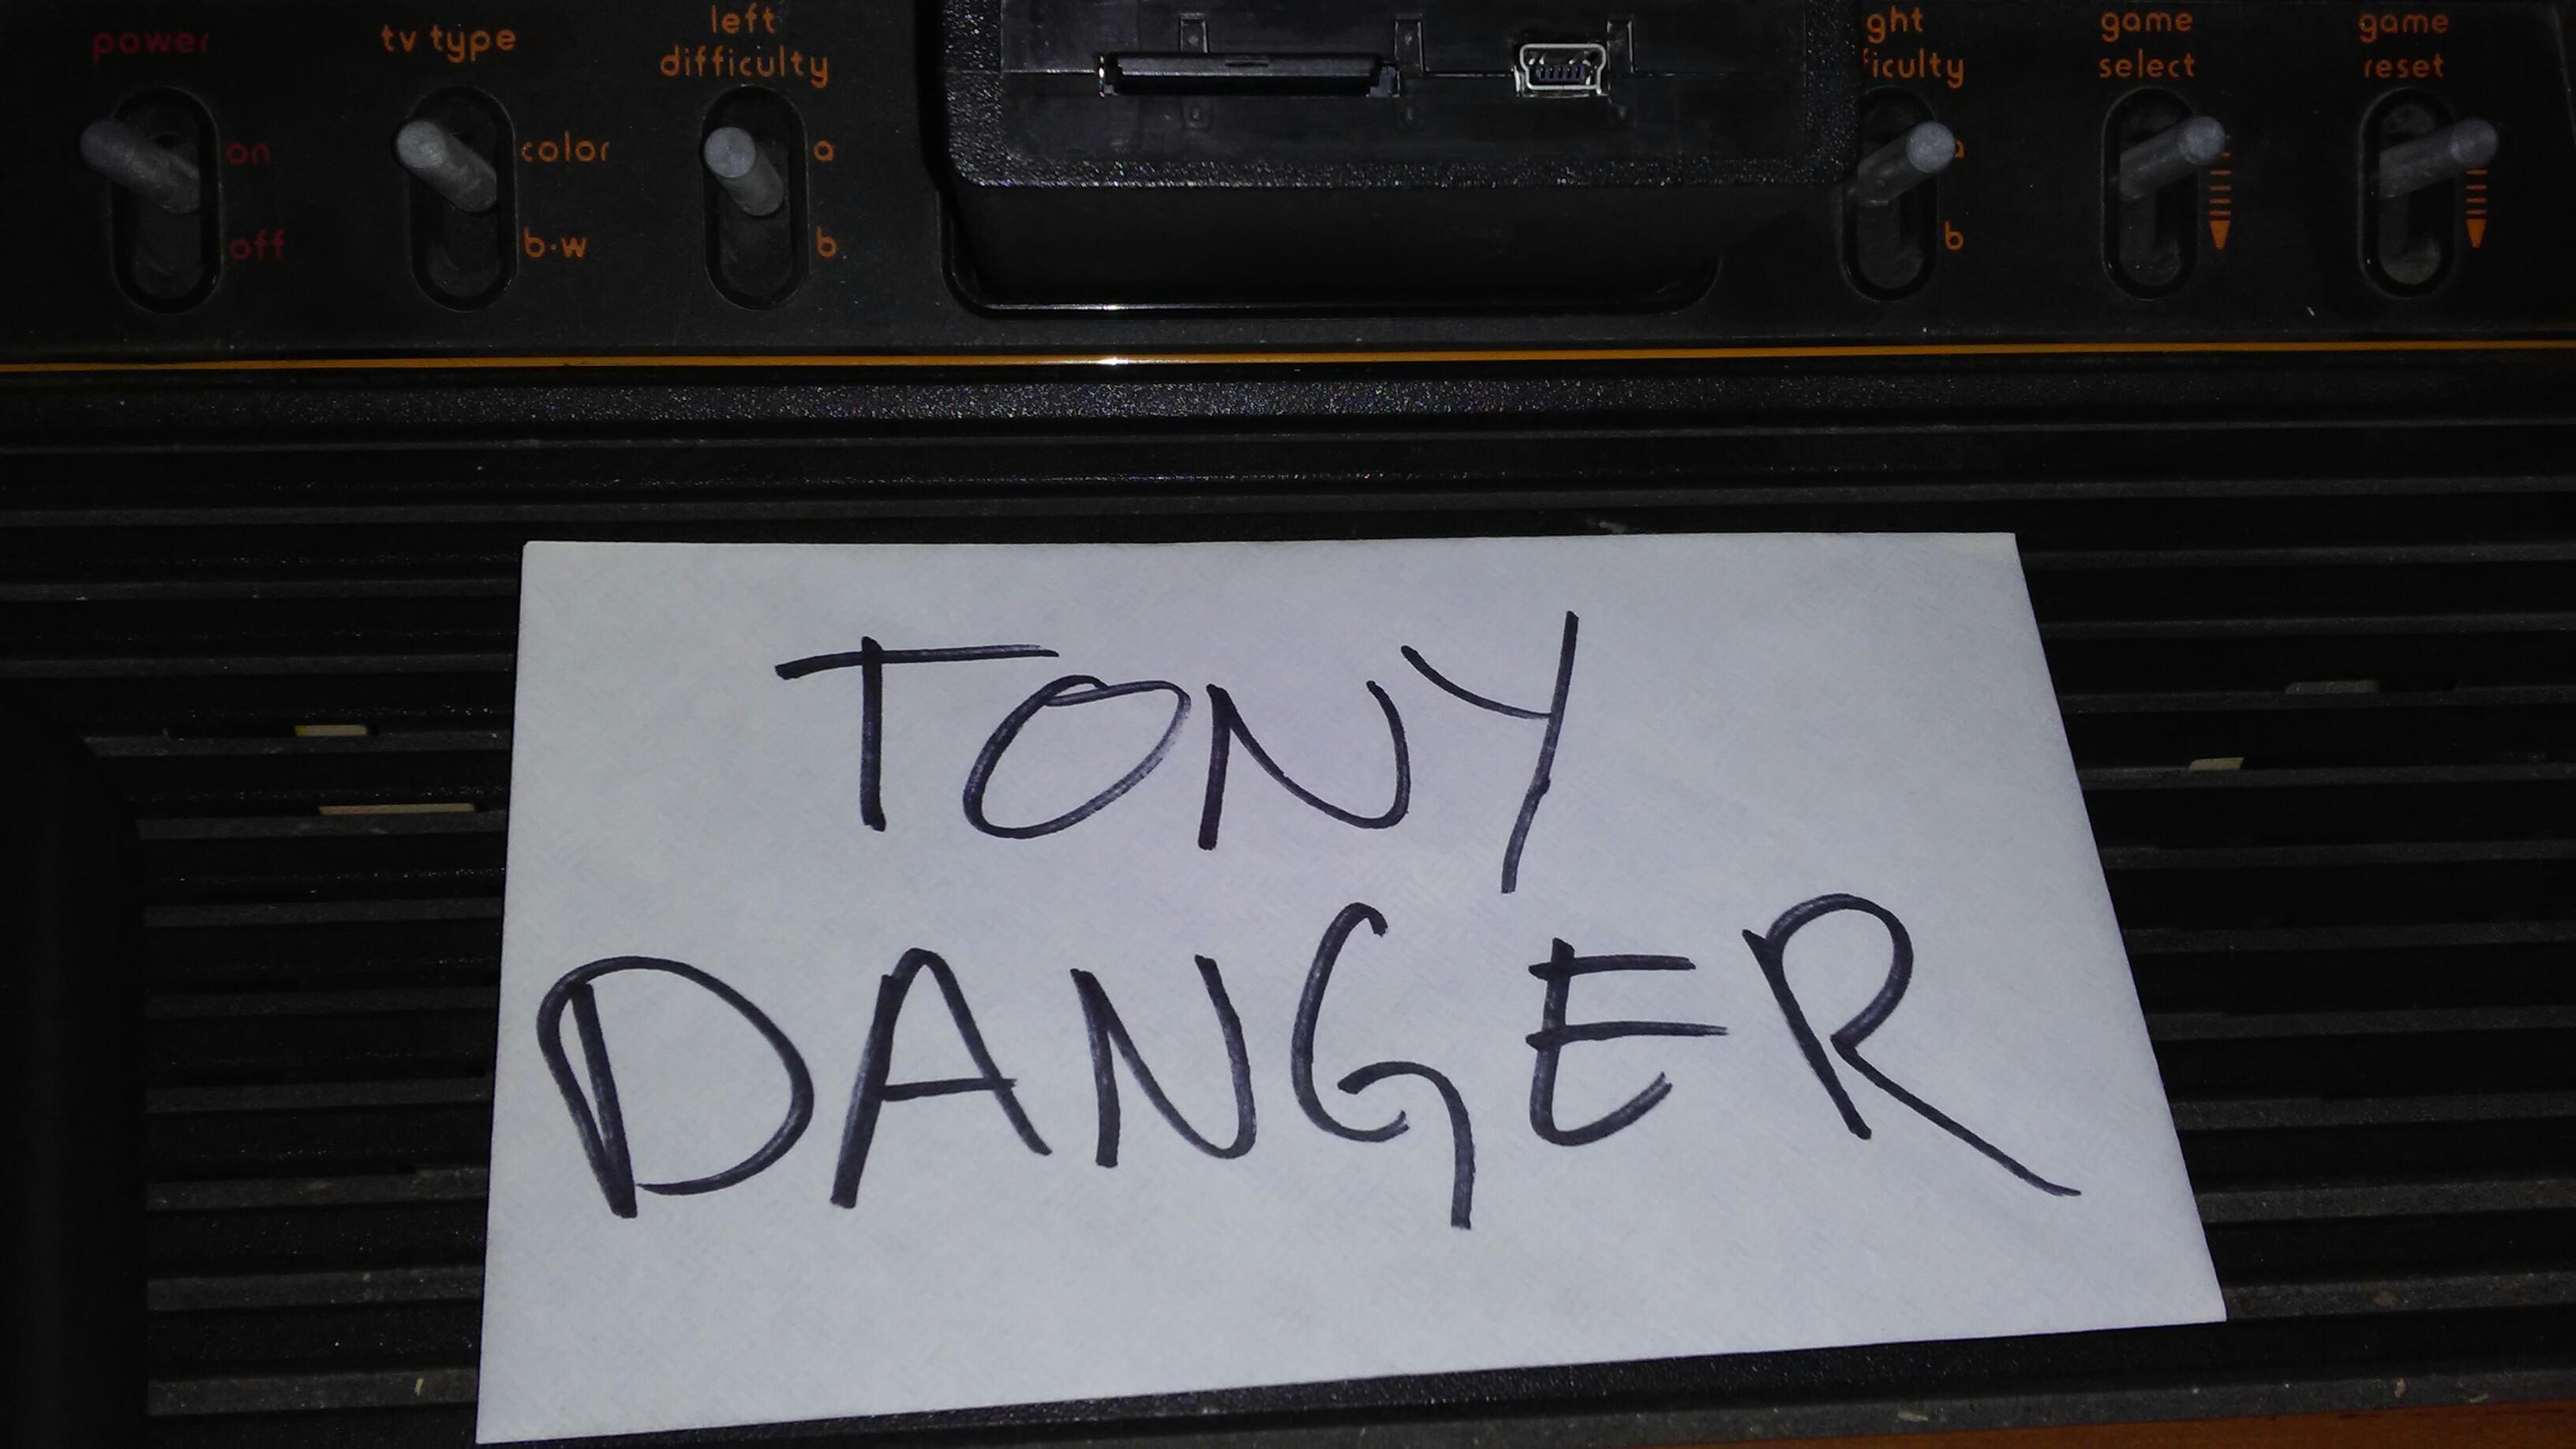 TonyDanger: Circus Atari (Atari 2600 Expert/A) 2,940 points on 2017-01-03 00:37:03